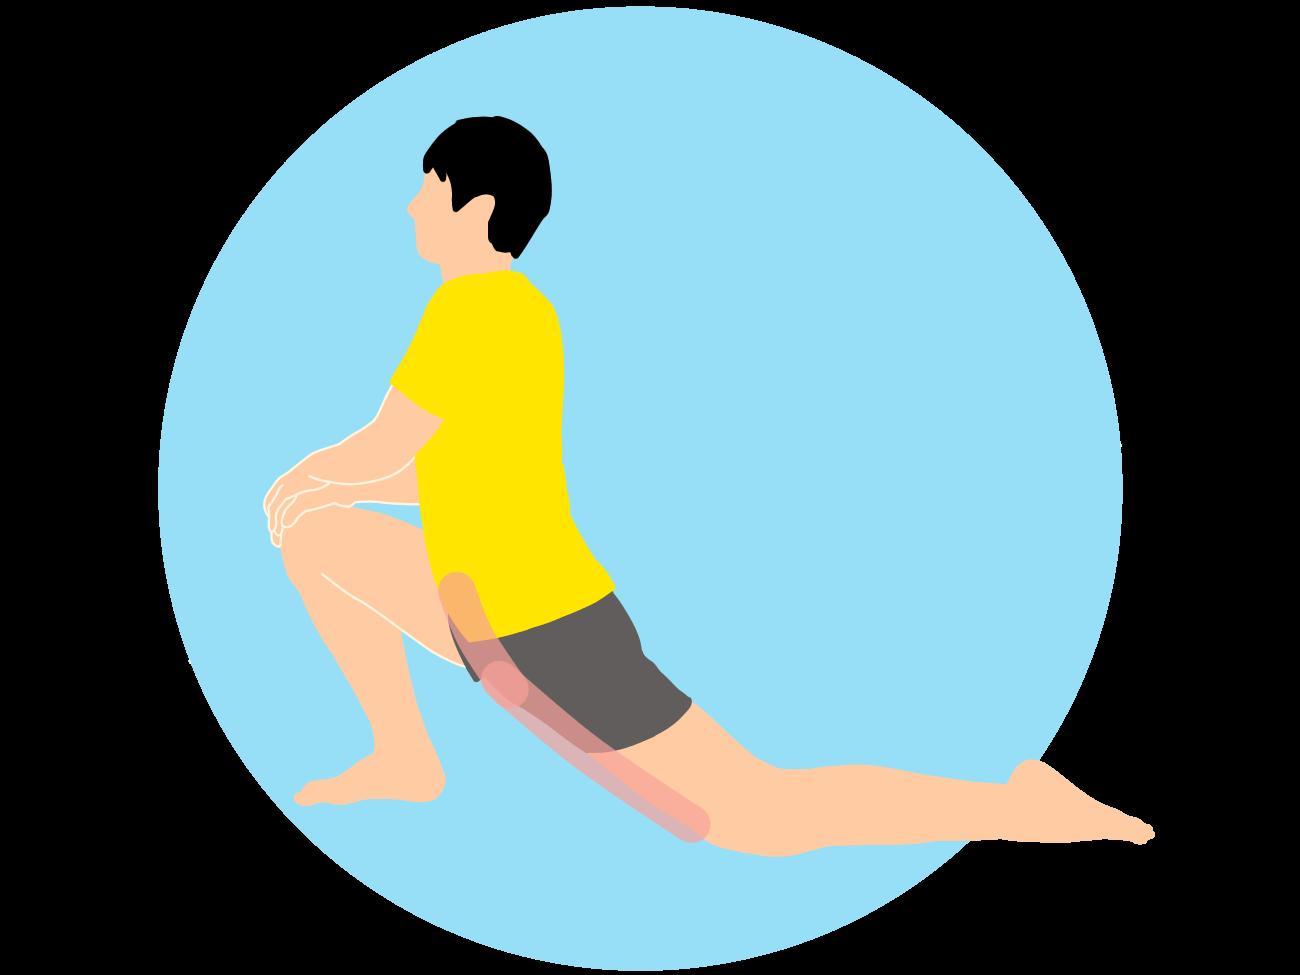 ストレッチで腰痛悪化を防ぐ!奈良県生駒市えだ鍼灸整骨院・整体院